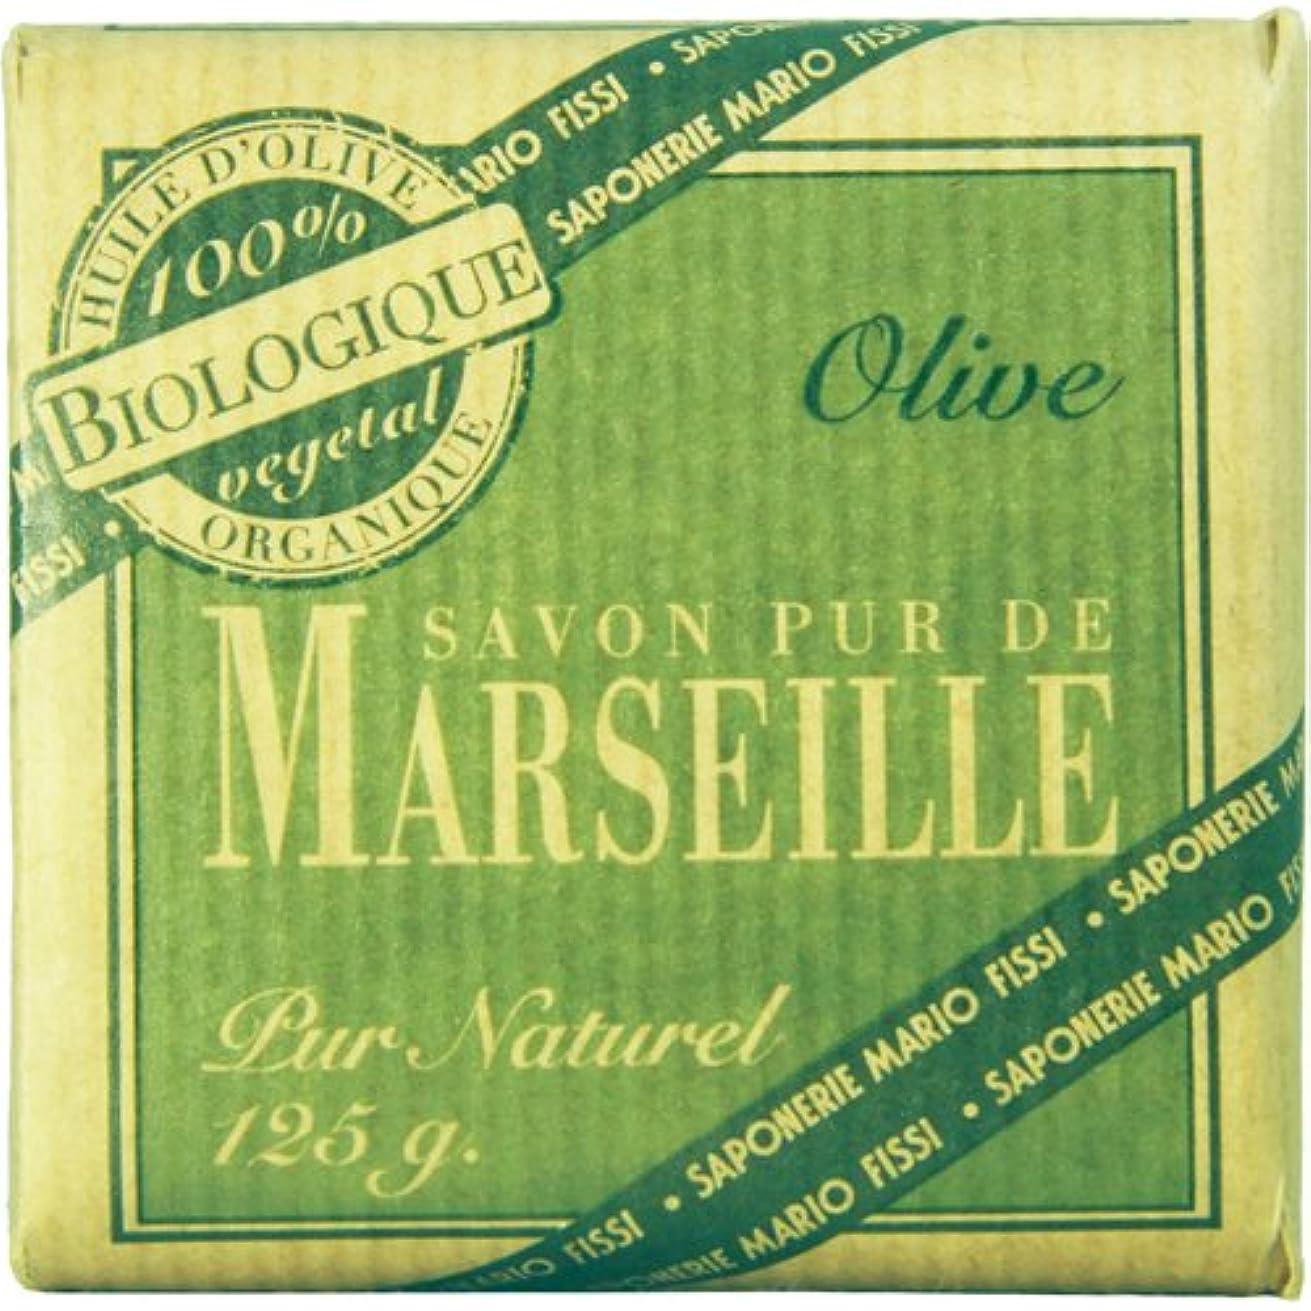 一般的に不機嫌不正Saponerire Fissi マルセイユシリーズ マルセイユソープ 125g Olive オリーブ